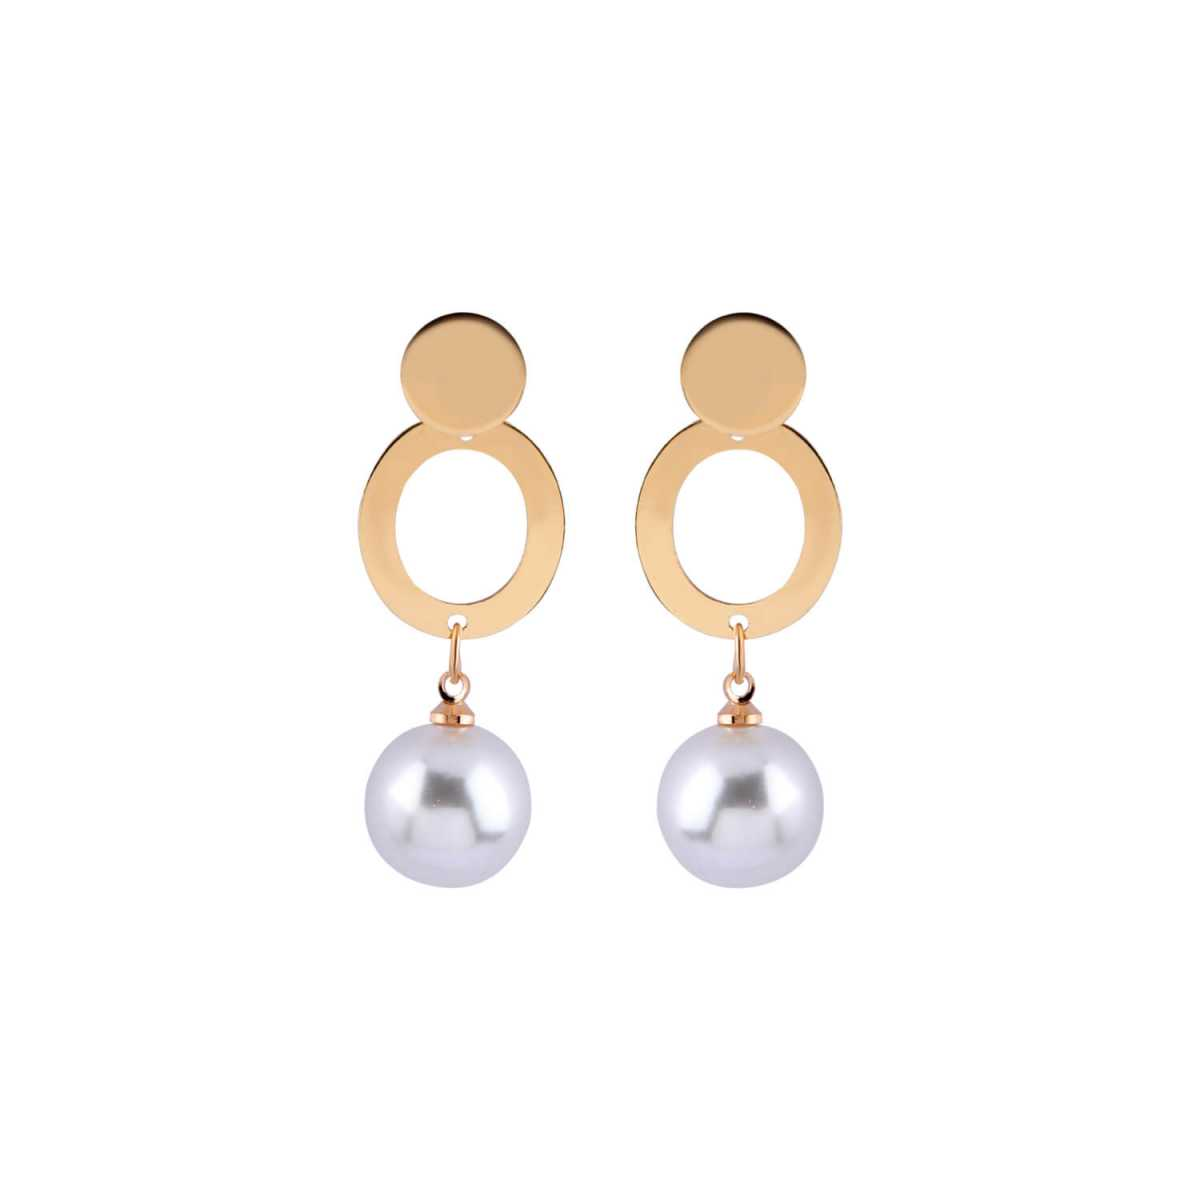 SILVER SHINE Party Wear Stylish Fancy Dangle Earring For Women Girl